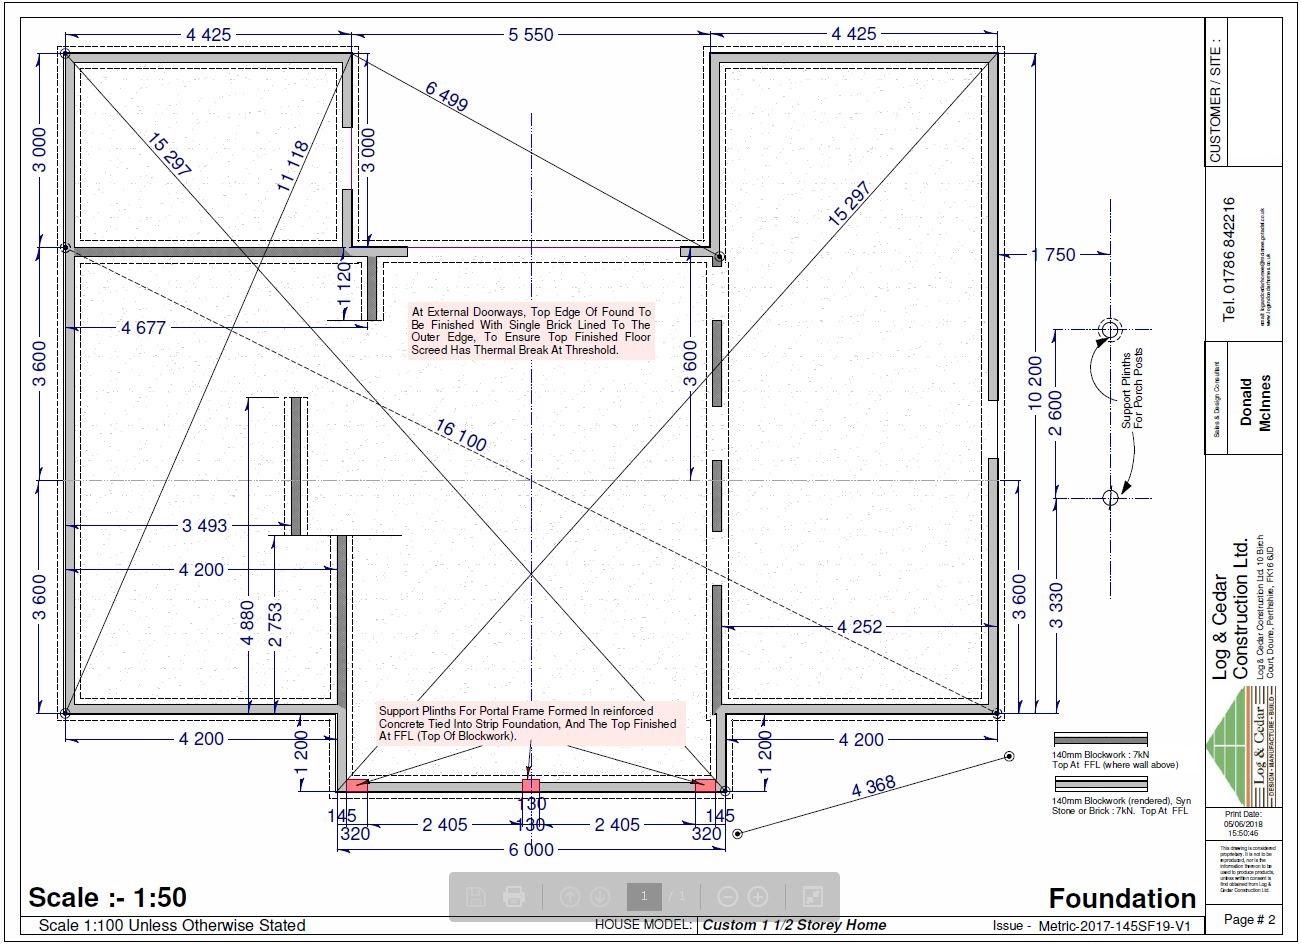 Construction Blueprints - Foundation